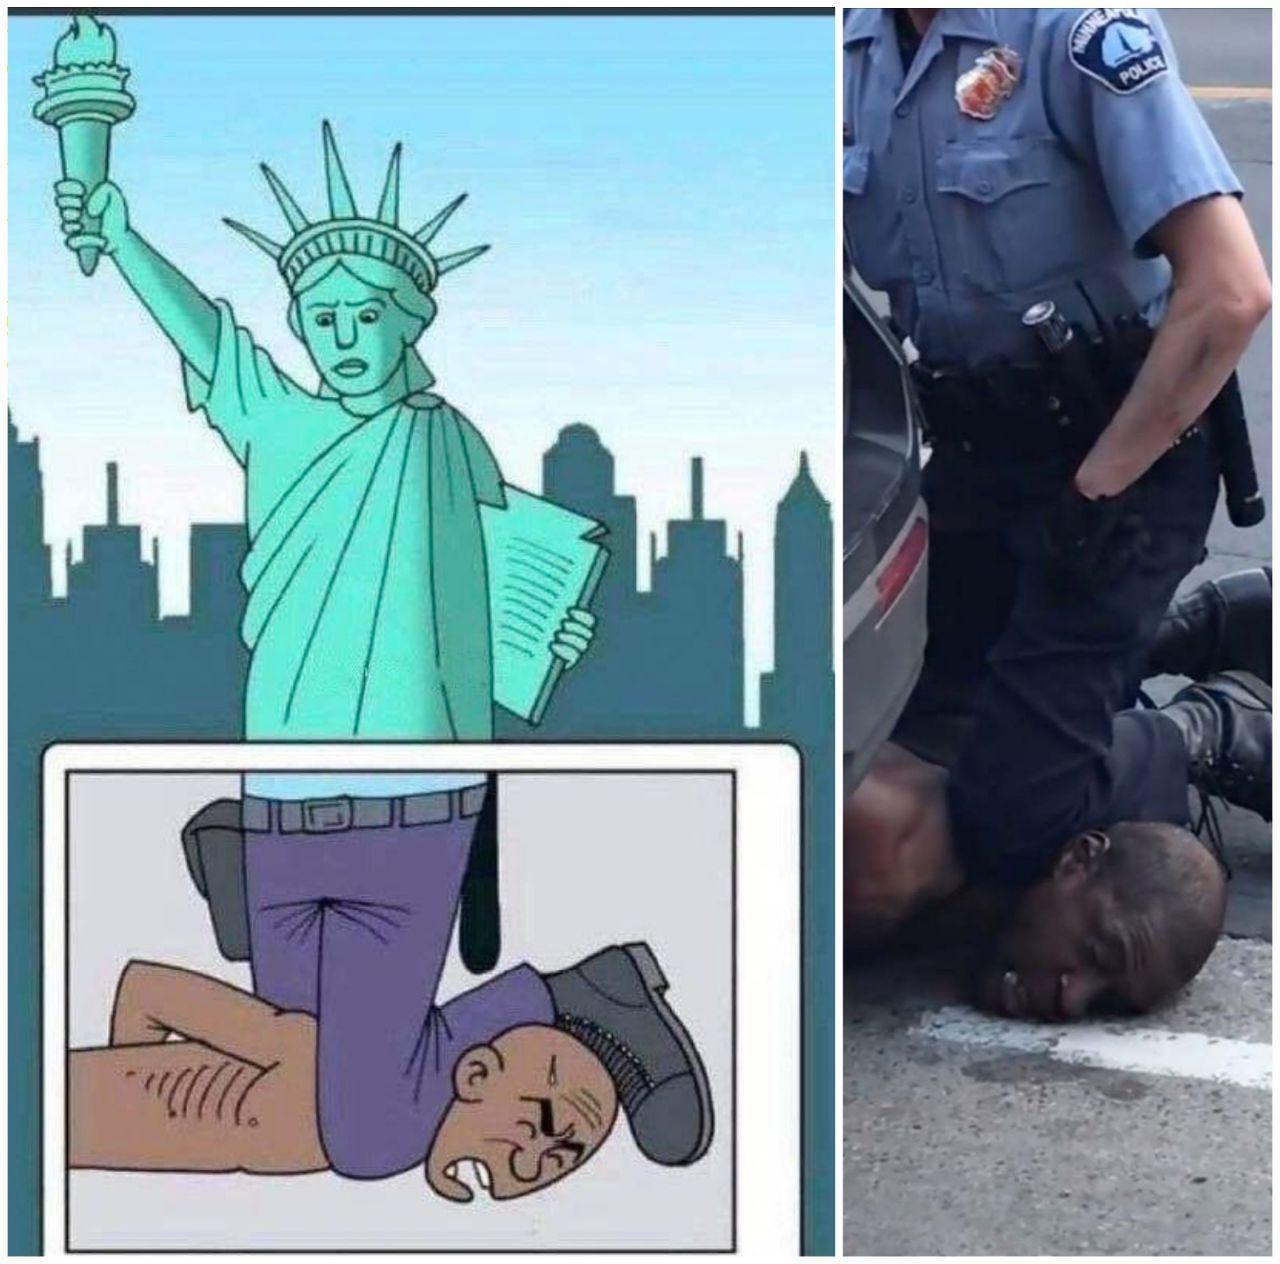 فوران خشم مردم از رفتار بی رحمانه پلیس آمریکا / معترضان پرچم آمریکا را به آتش کشیدند + فیلم و تصاویر